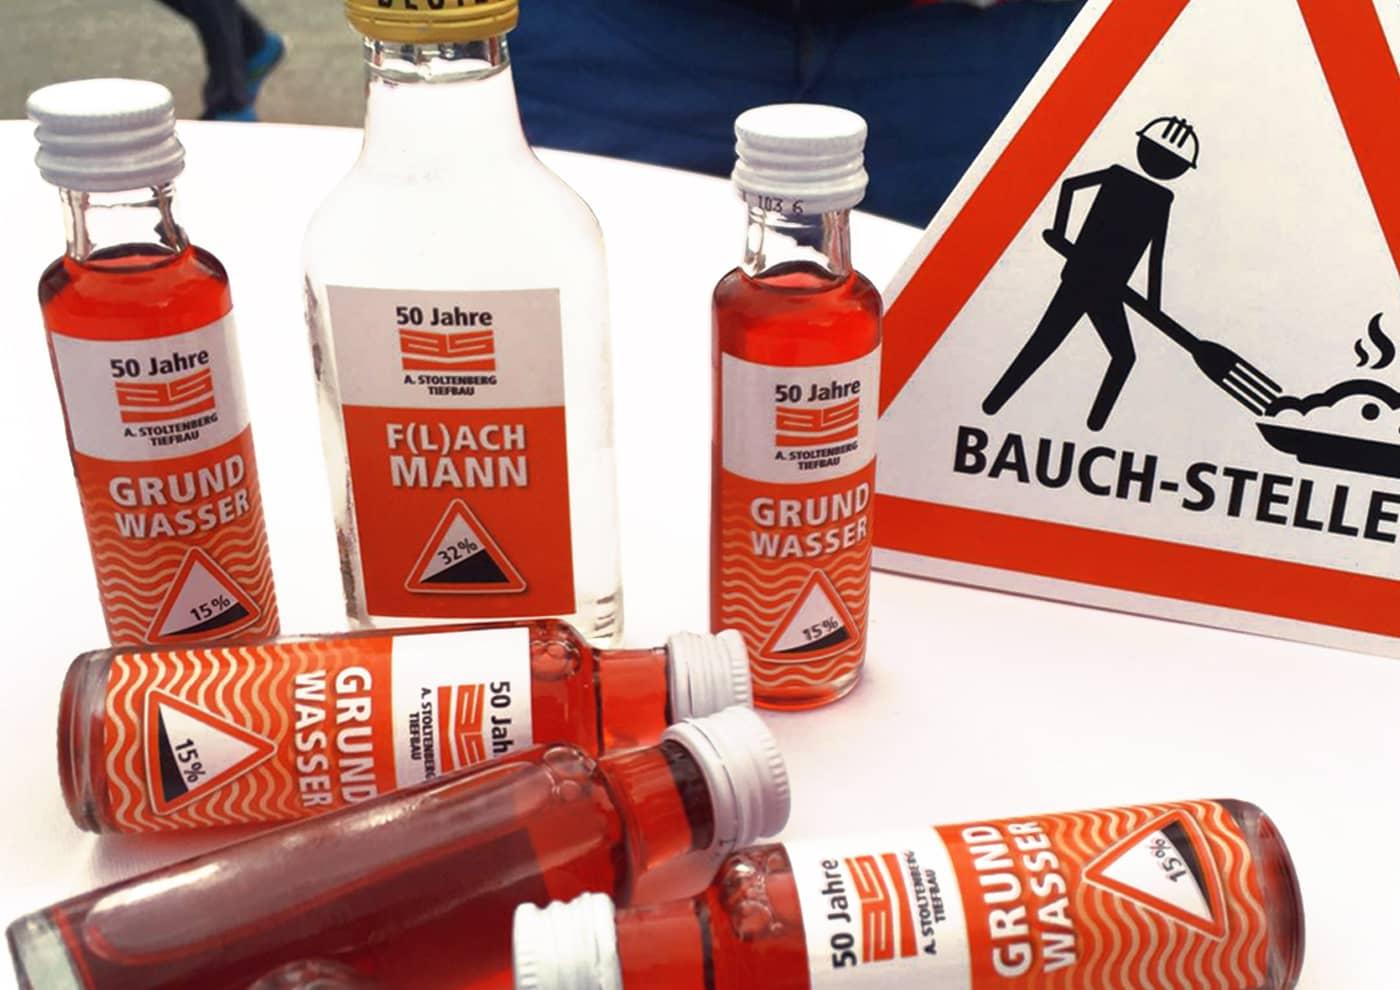 Event-, Print- und Online-Konzeption für die Unternehmensgruppe Stoltenberg: Werbemittel